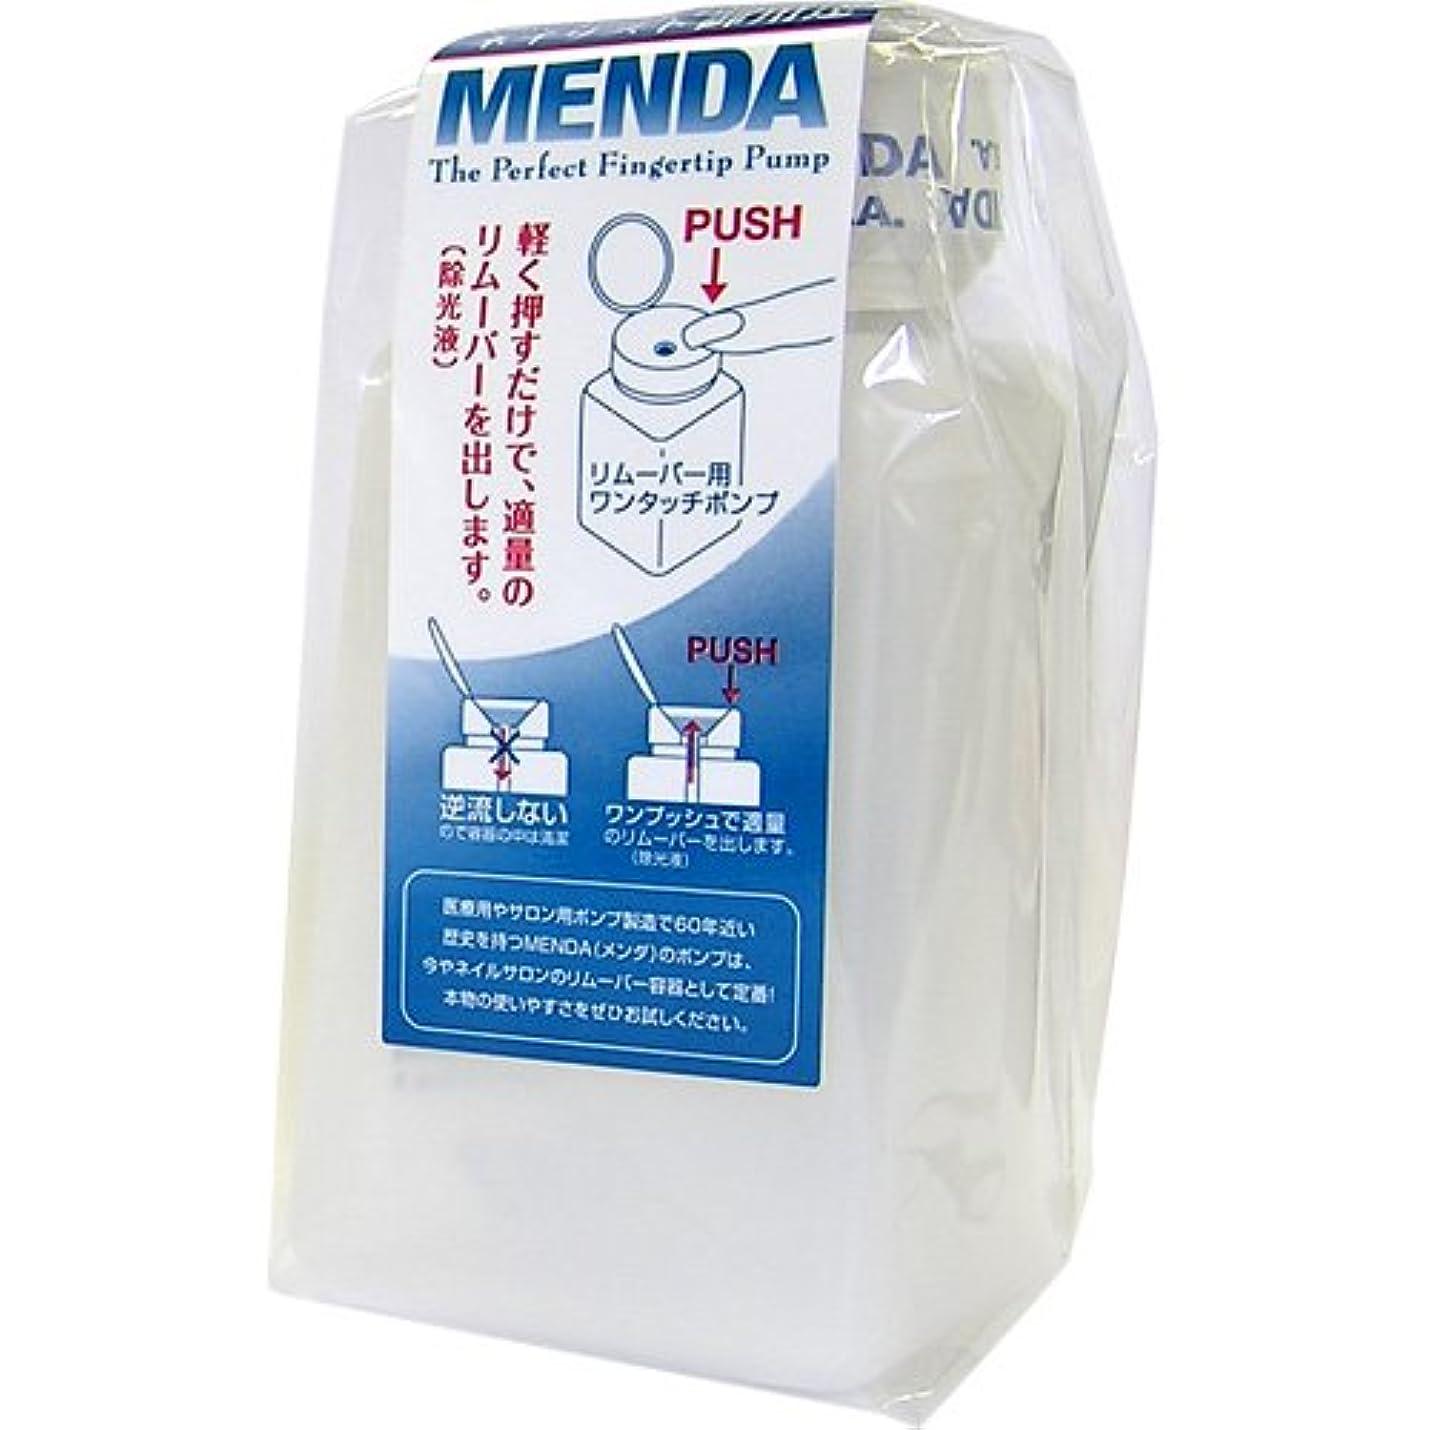 アッティカス連結する剥離メンダ<MENDA>リムーバー用ワンタッチポンプ180ml(6oz)